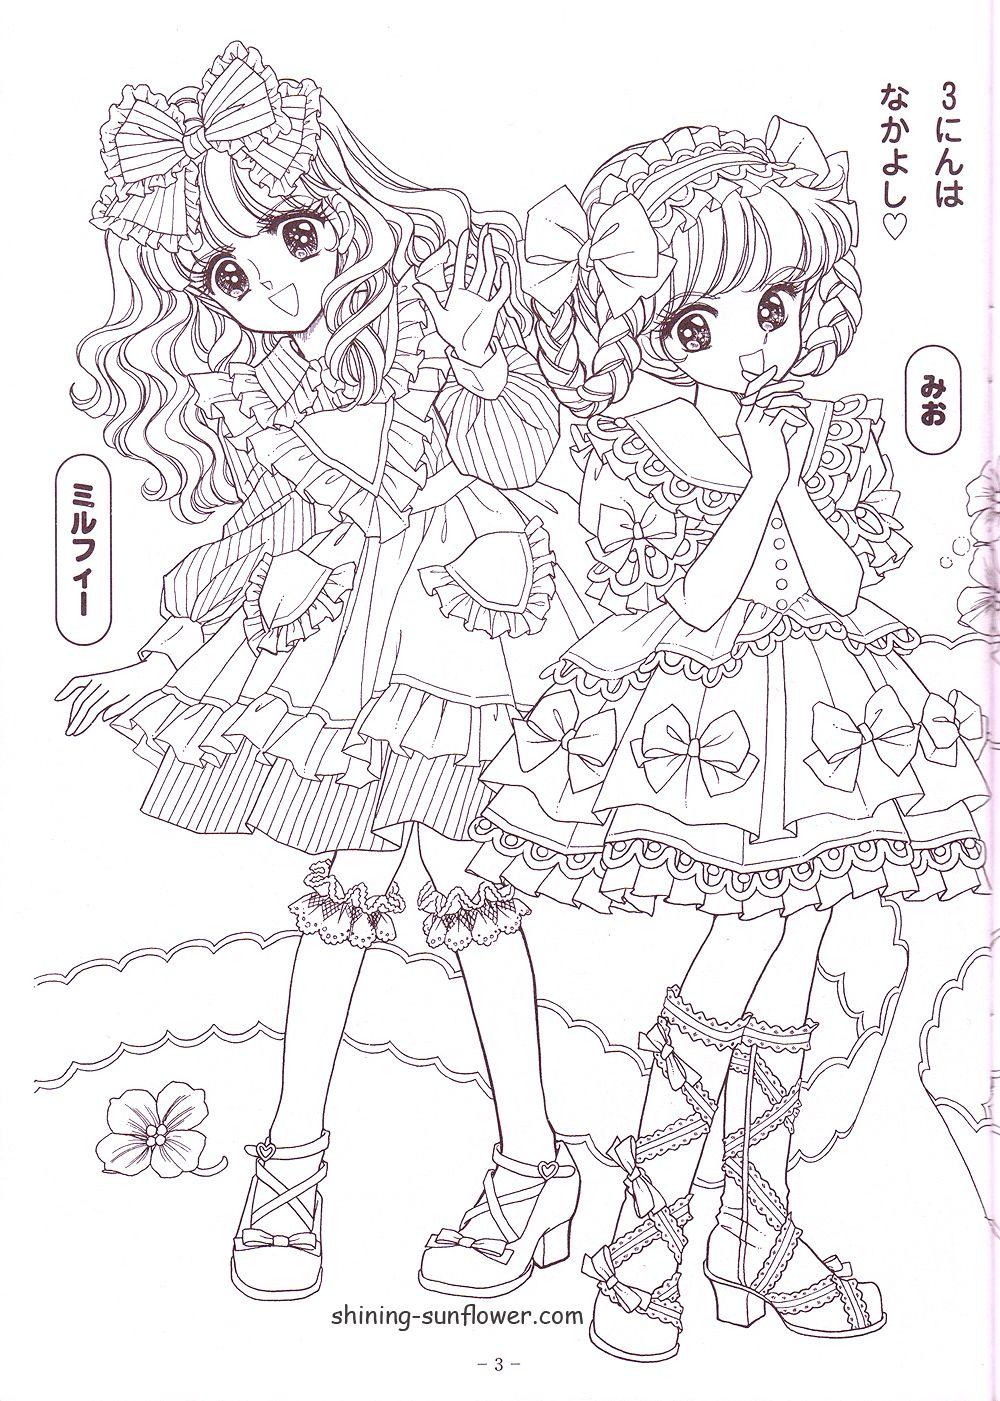 Pin de ommy ja en Shoujo Coloring   Pinterest   Manga, Pintar y Muñecas